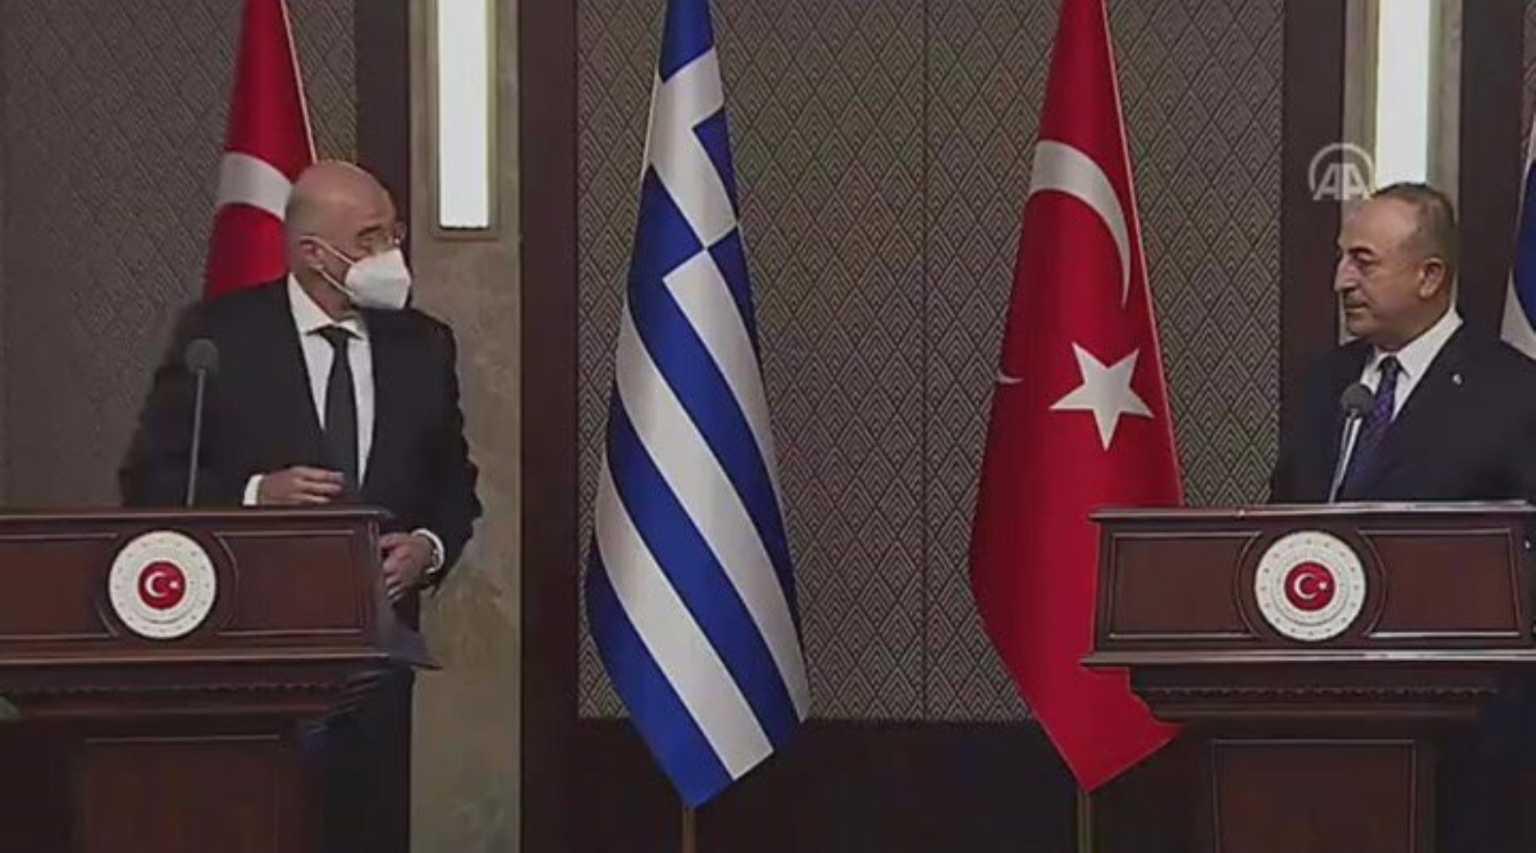 Δένδιας – Τσαβούσογλου: Η εντολή Μητσοτάκη στον Έλληνα υπουργό Εξωτερικών